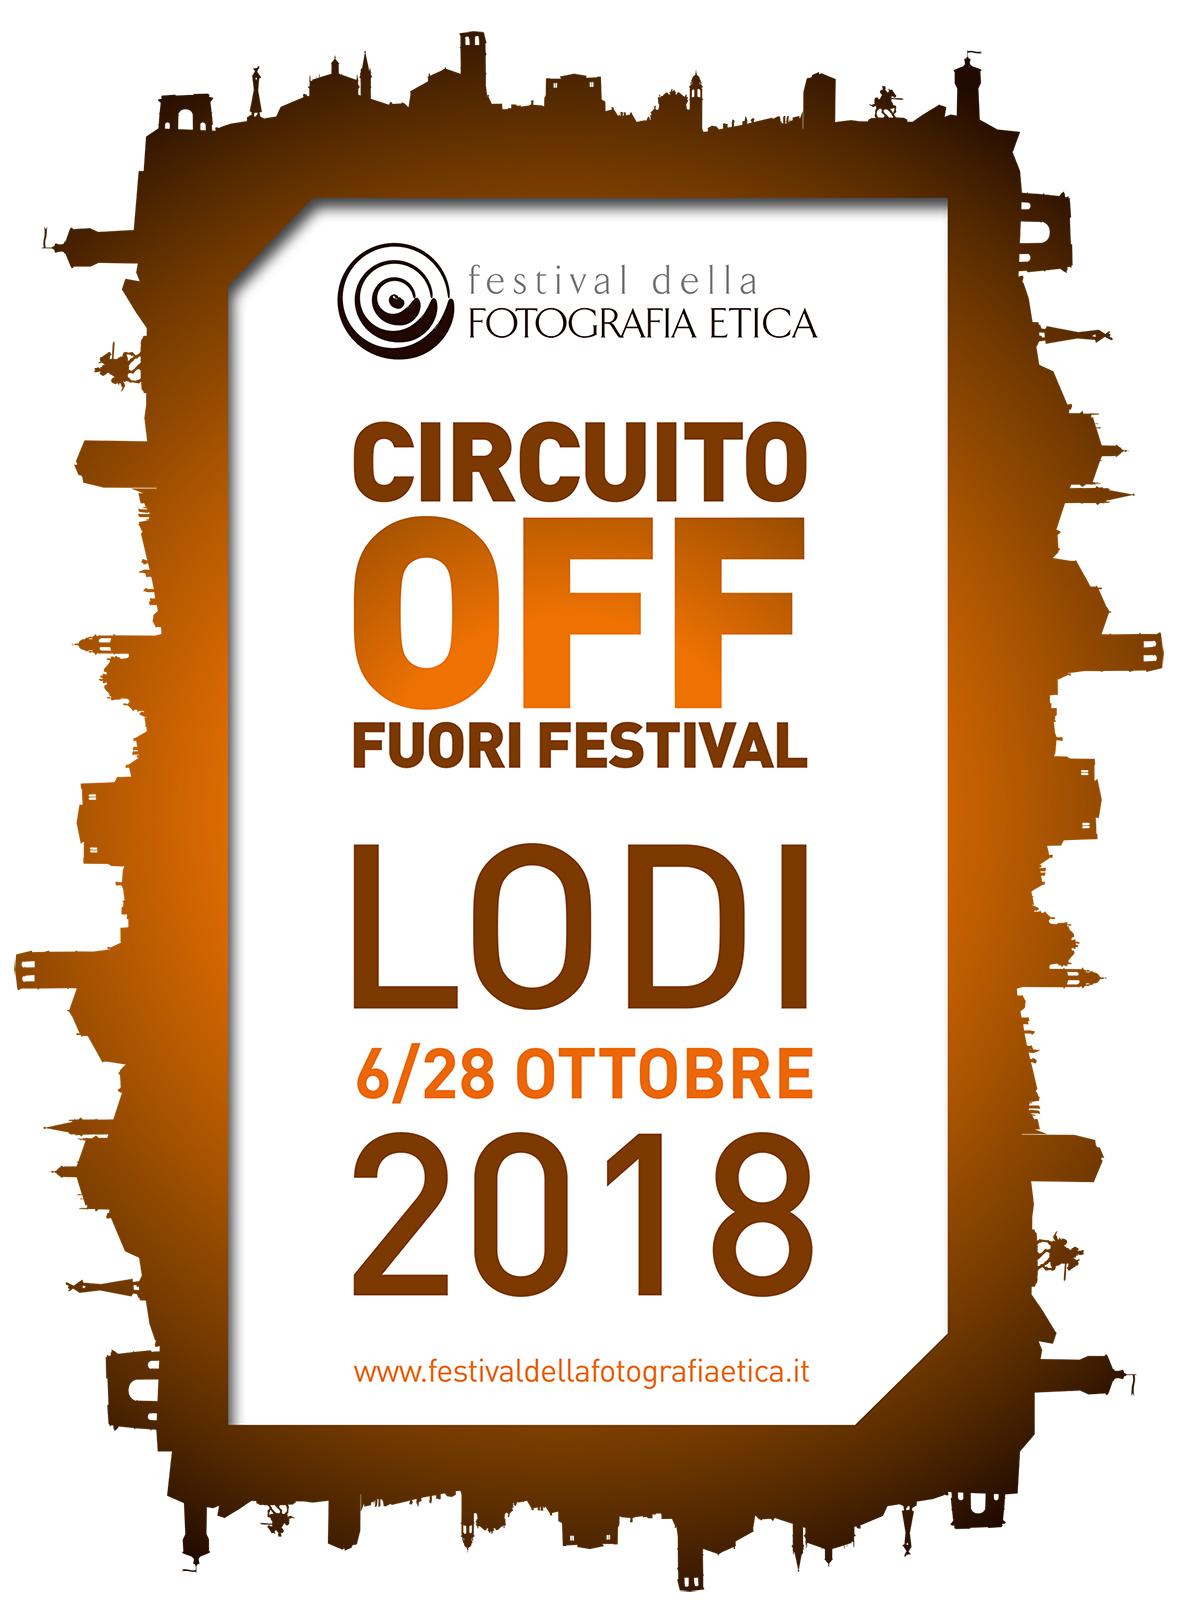 Lodi Festival della Fotografia Etica-Circuito OFF